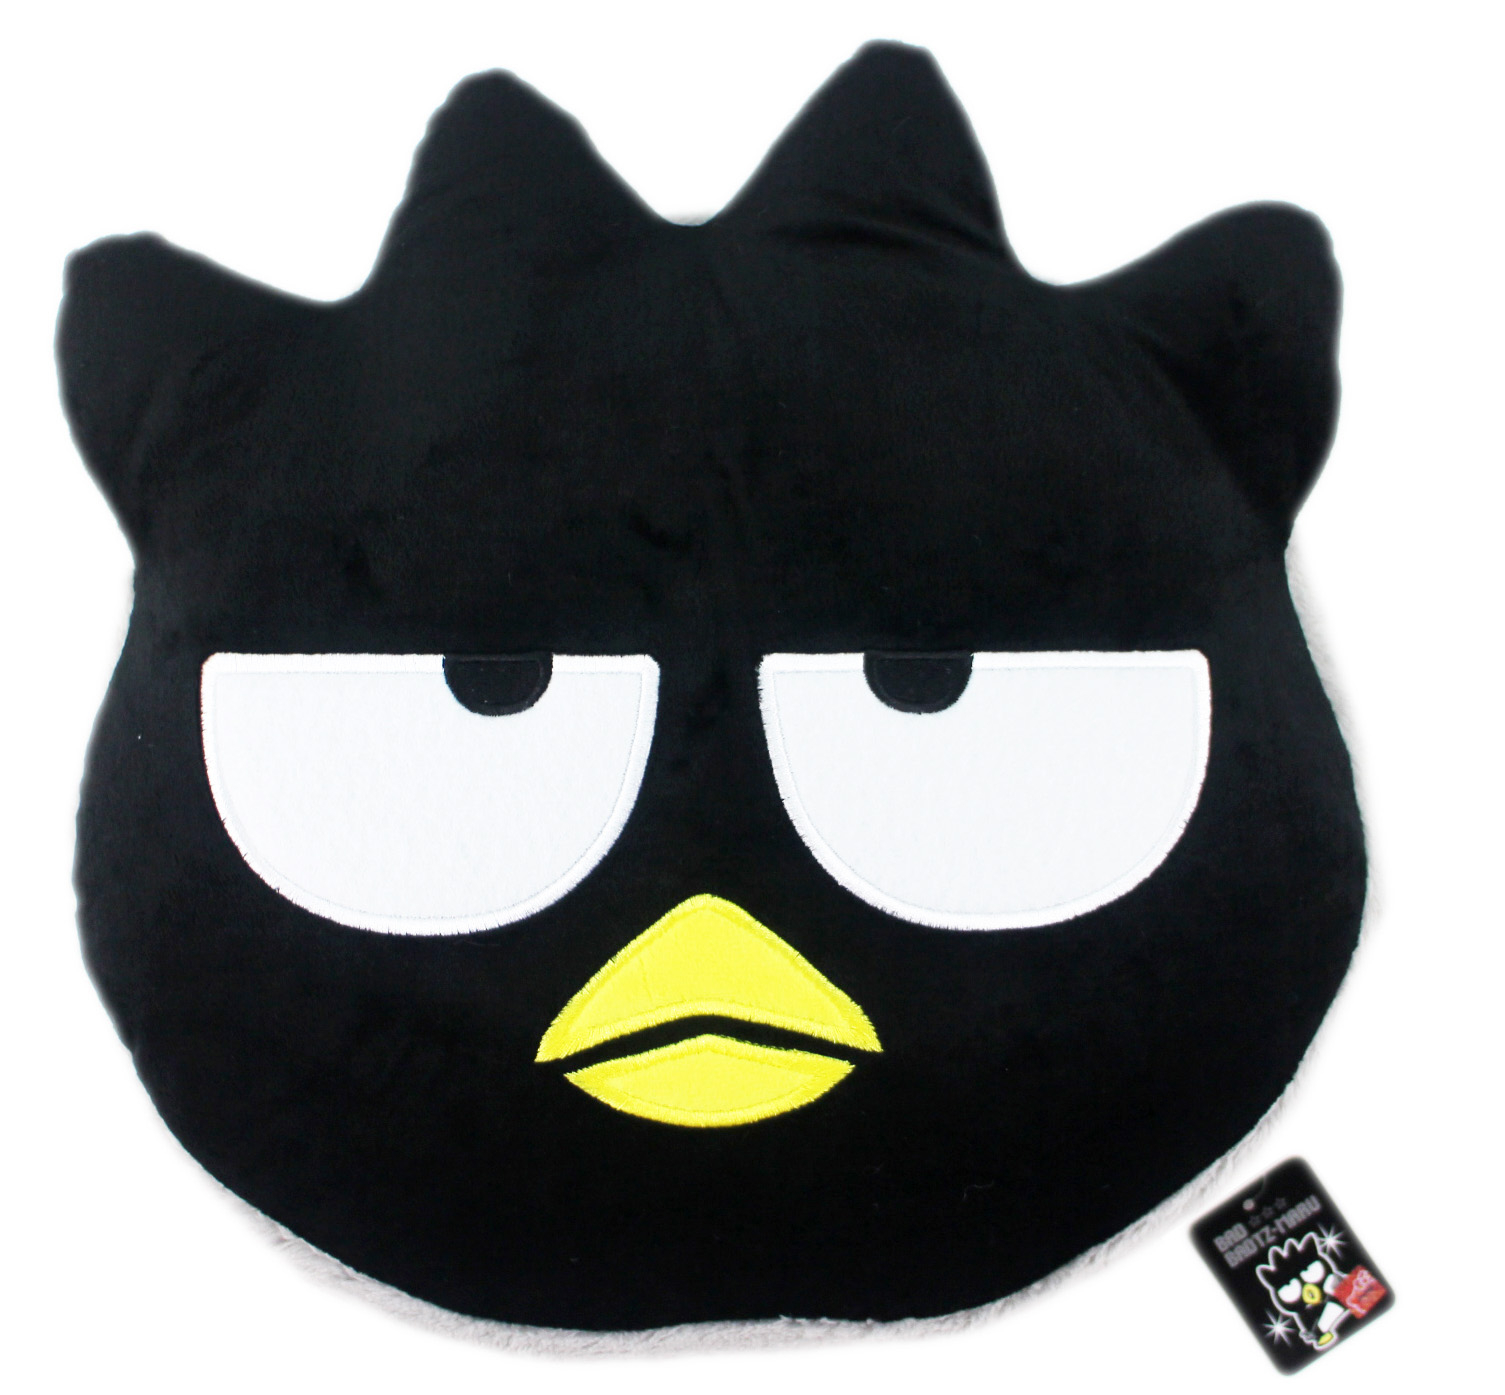 【卡漫城】 酷企鵝 抱枕 33cm 馬卡龍 ㊣版 絨毛 娃娃 Badtz Maru 午休枕 玩偶 午安枕 靠墊 靠枕